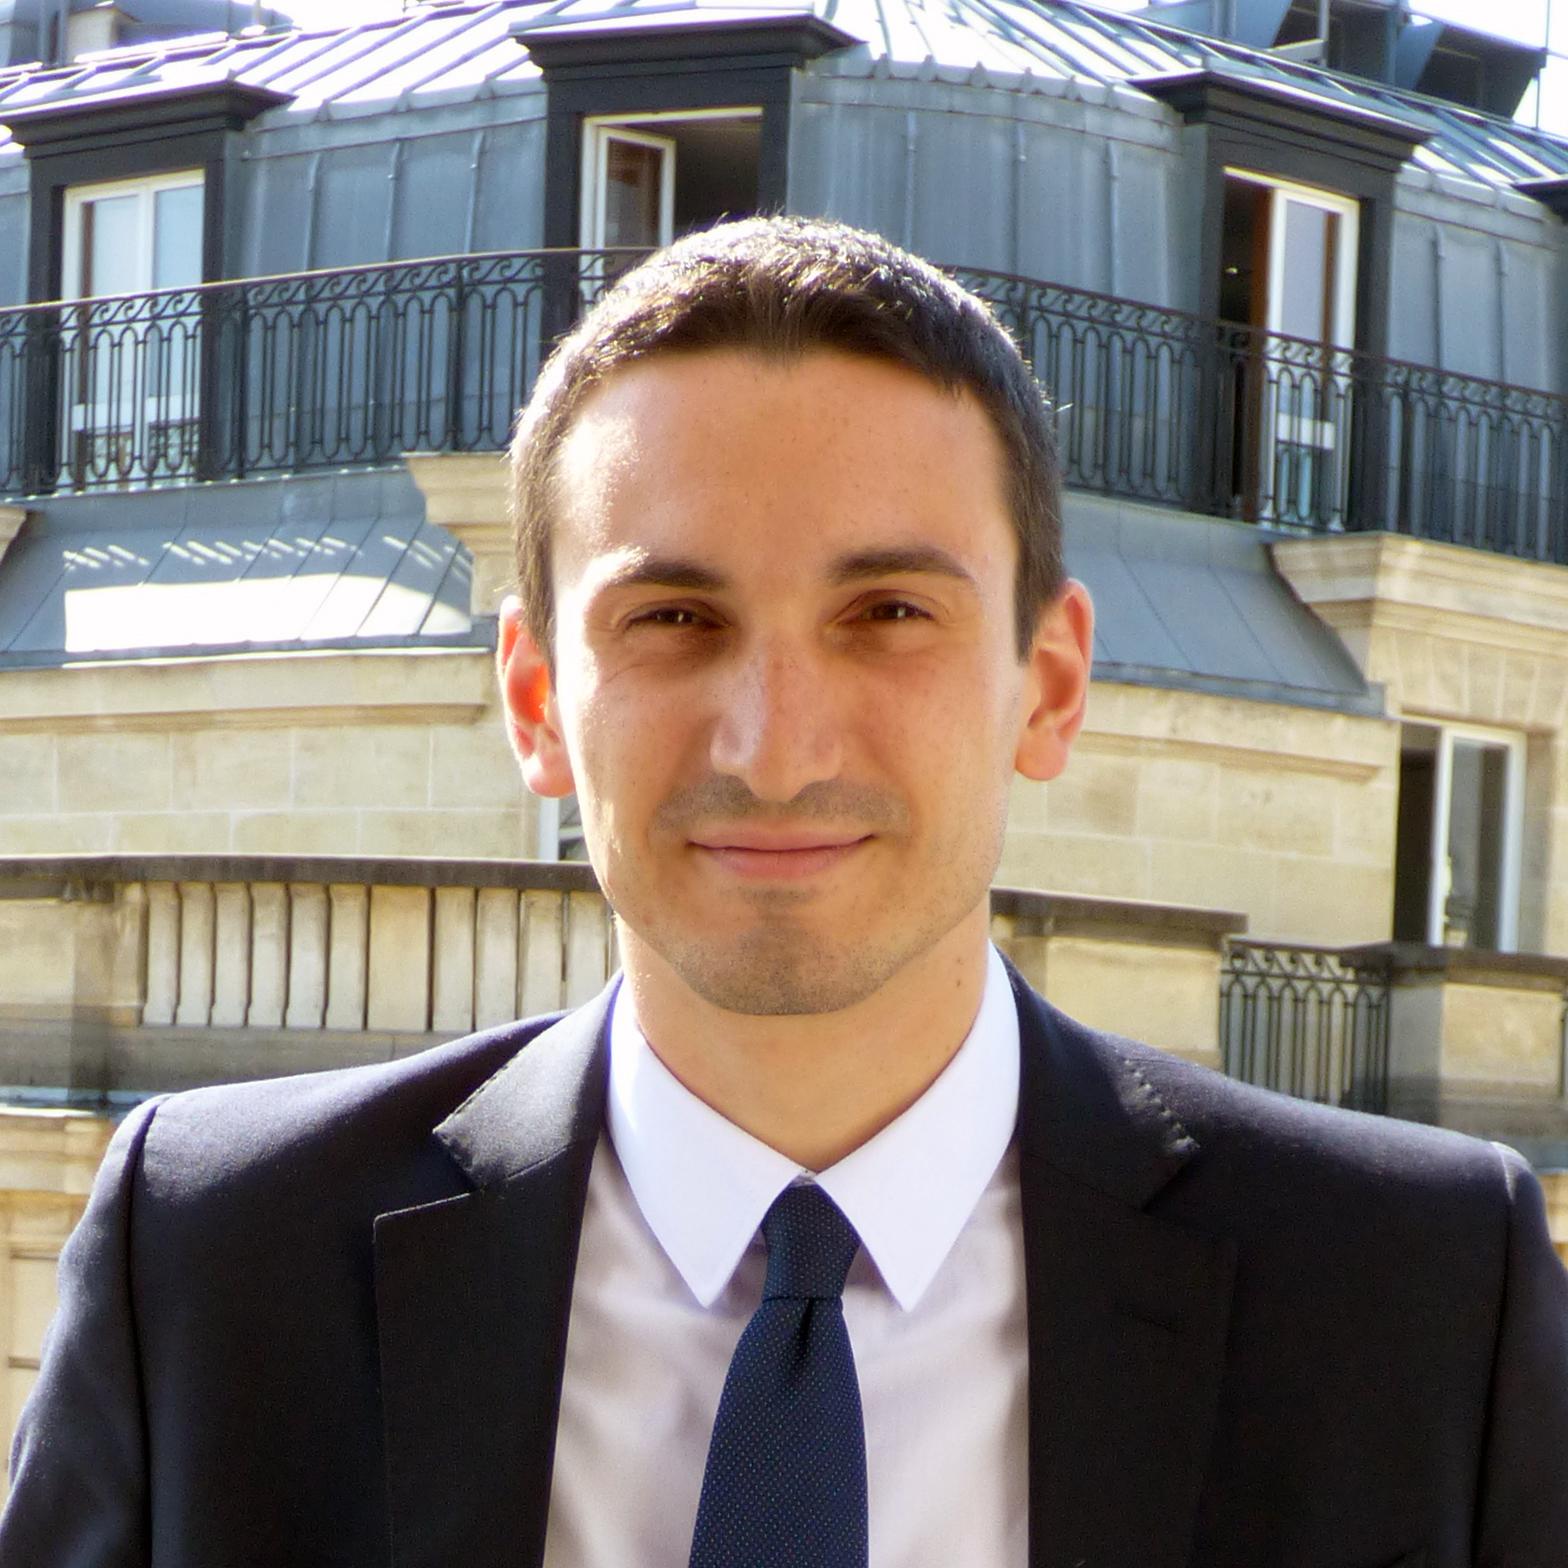 Pierre Jacob